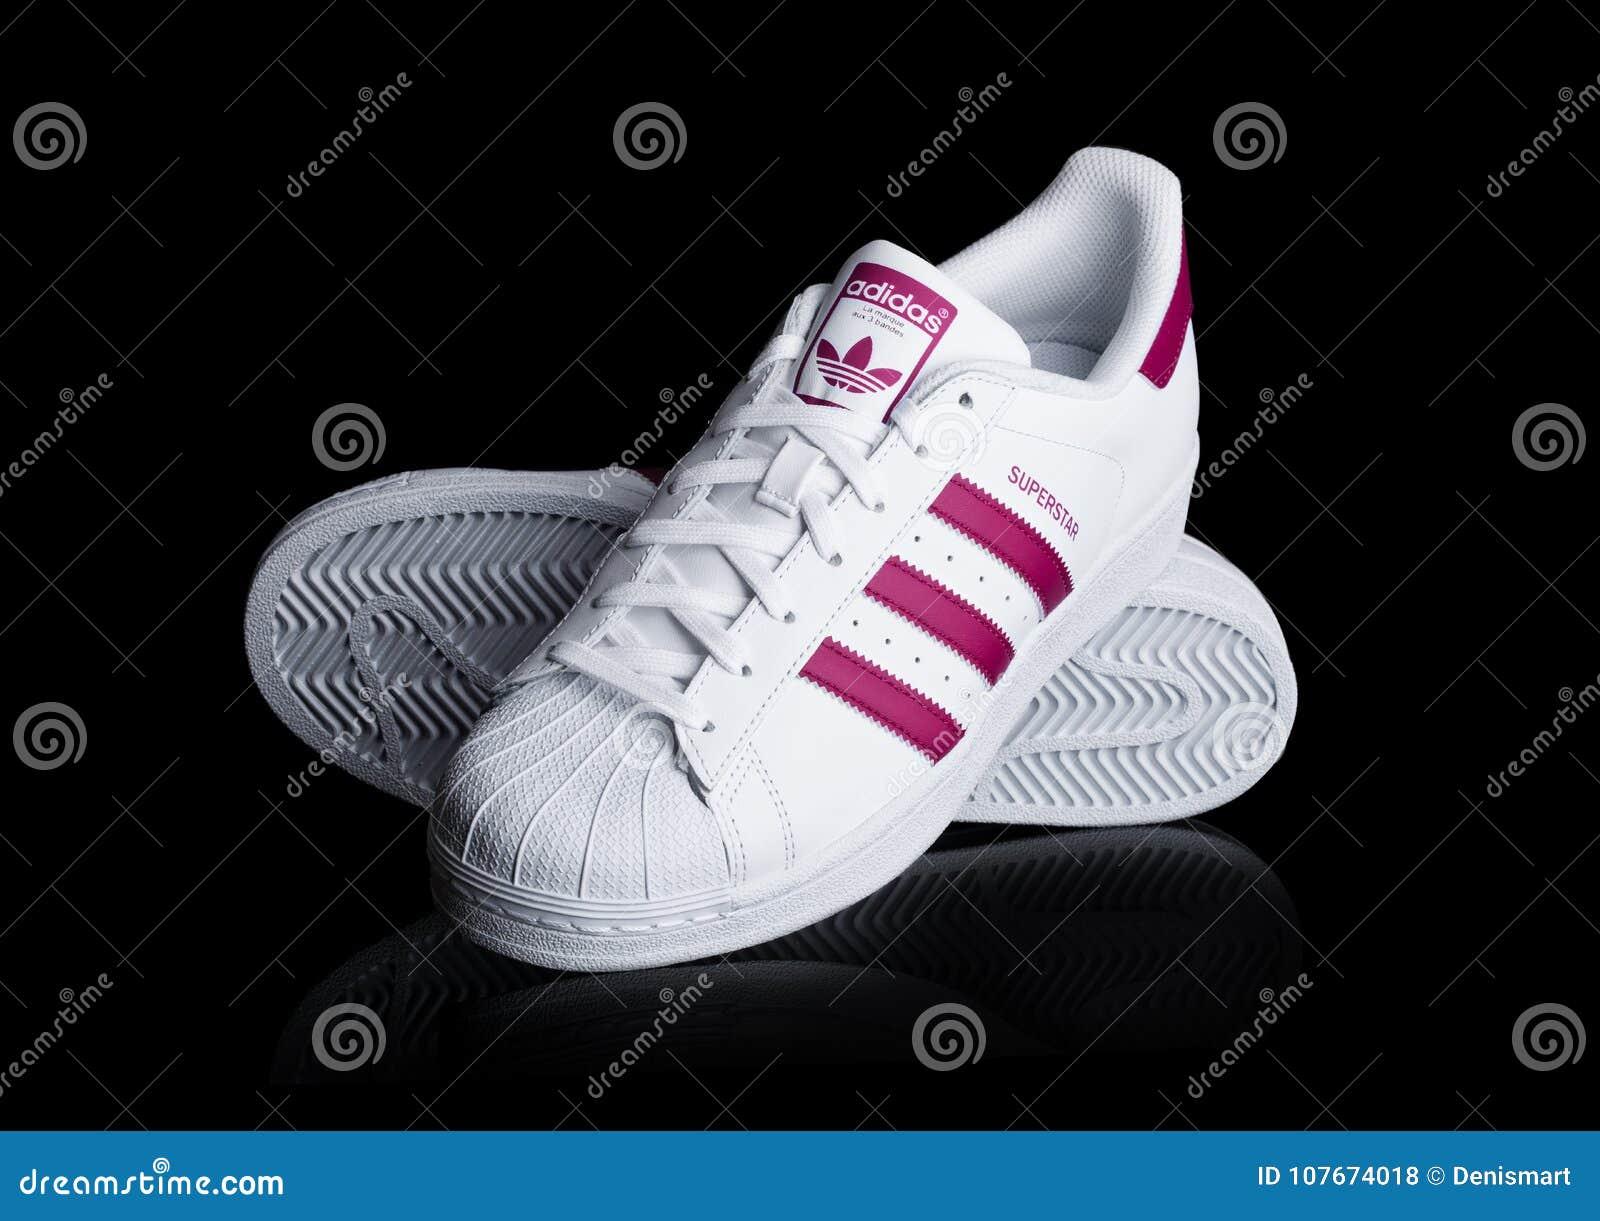 buy online 1823a 59f97 LONDRES, REINO UNIDO - 12 DE ENERO DE 2018  Zapatos rojos de la  superestrella de Adidas Originals en fondo negro Sociedad multinacional  alemana que diseña y ...